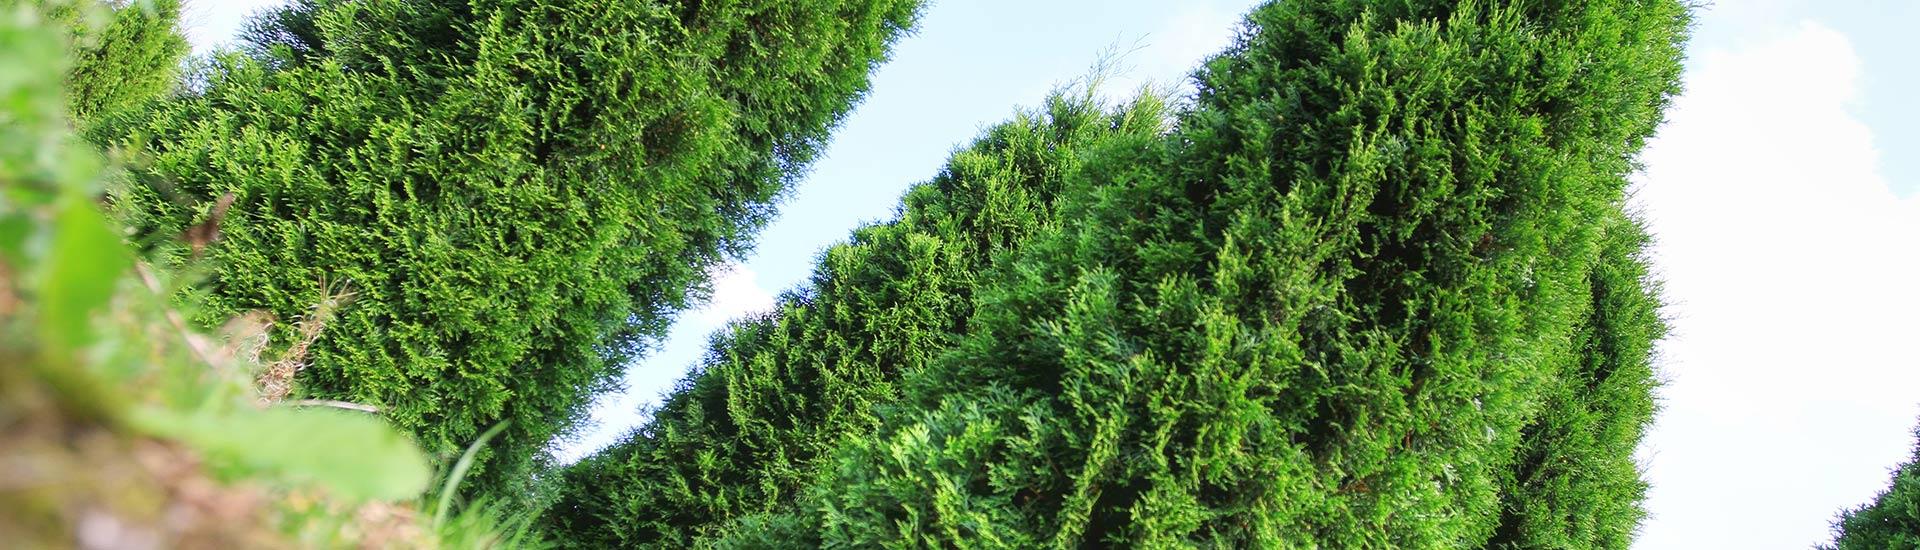 planzen-gockel-heckenpflanzen-sauerland-003